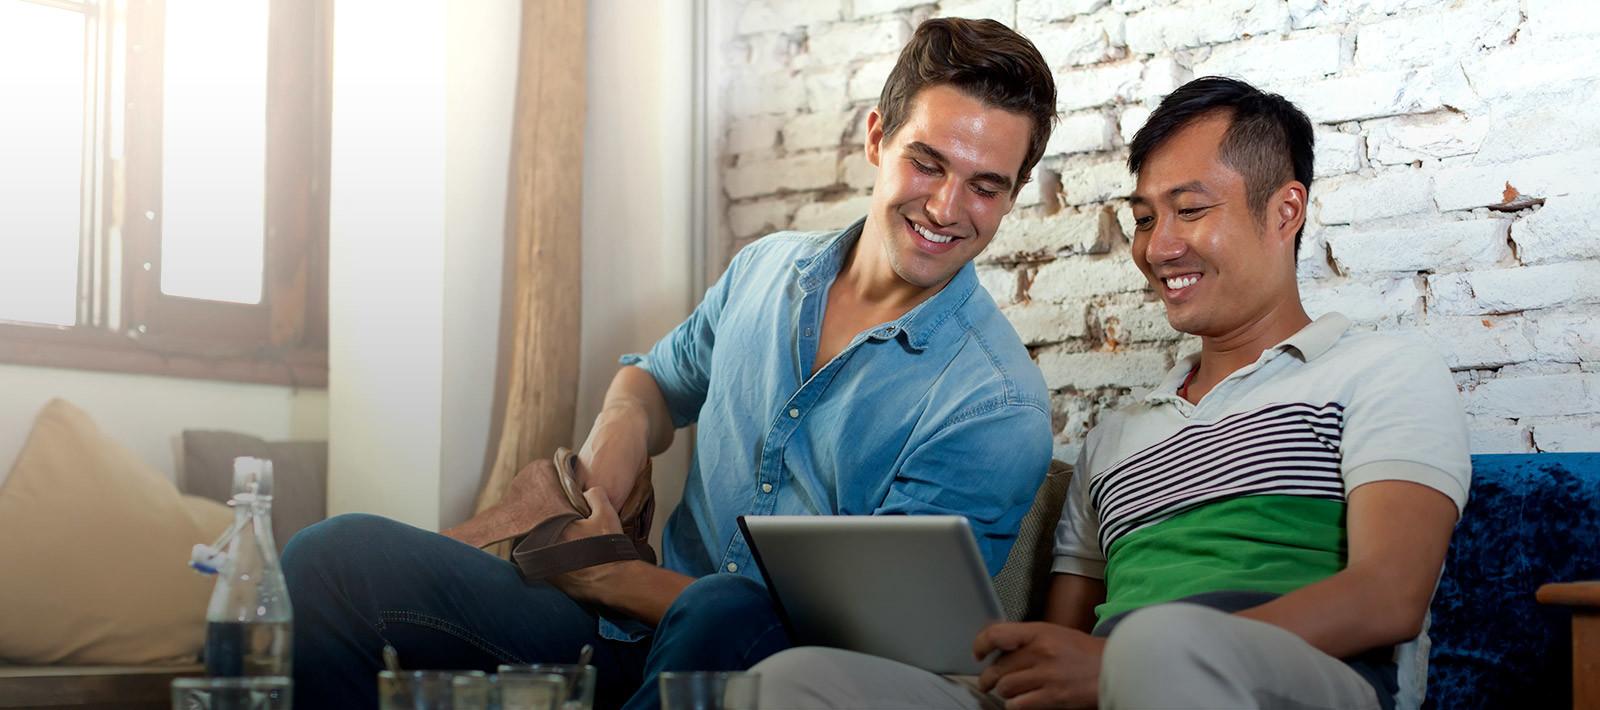 Vacanze LGBT con Misterbnb.com